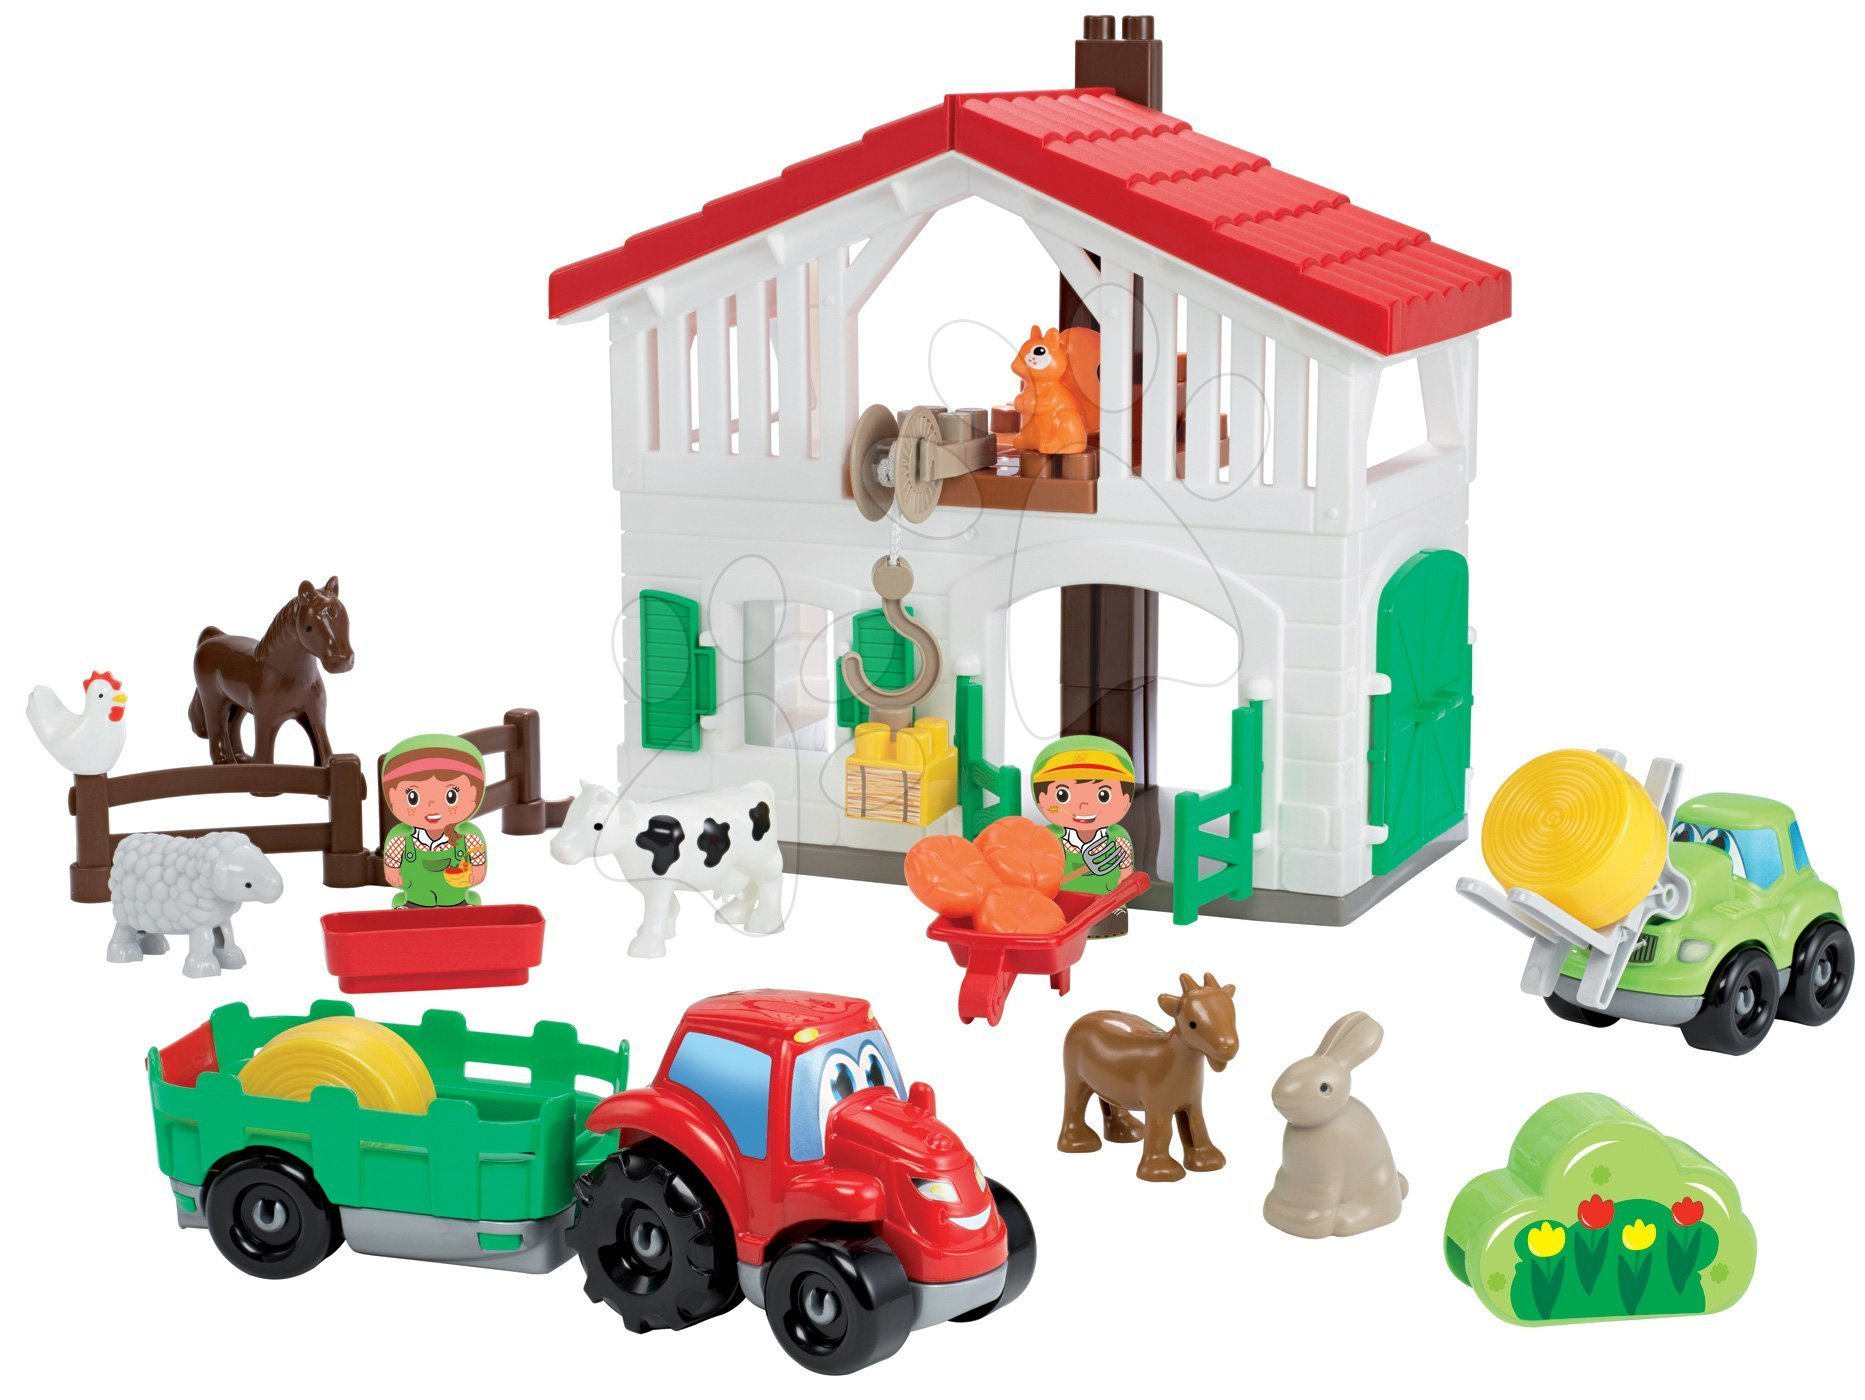 Stavebnice farma s traktorem Abrick Écoiffier se 7 zvířátky a 2 farmáři od 18 měsíců